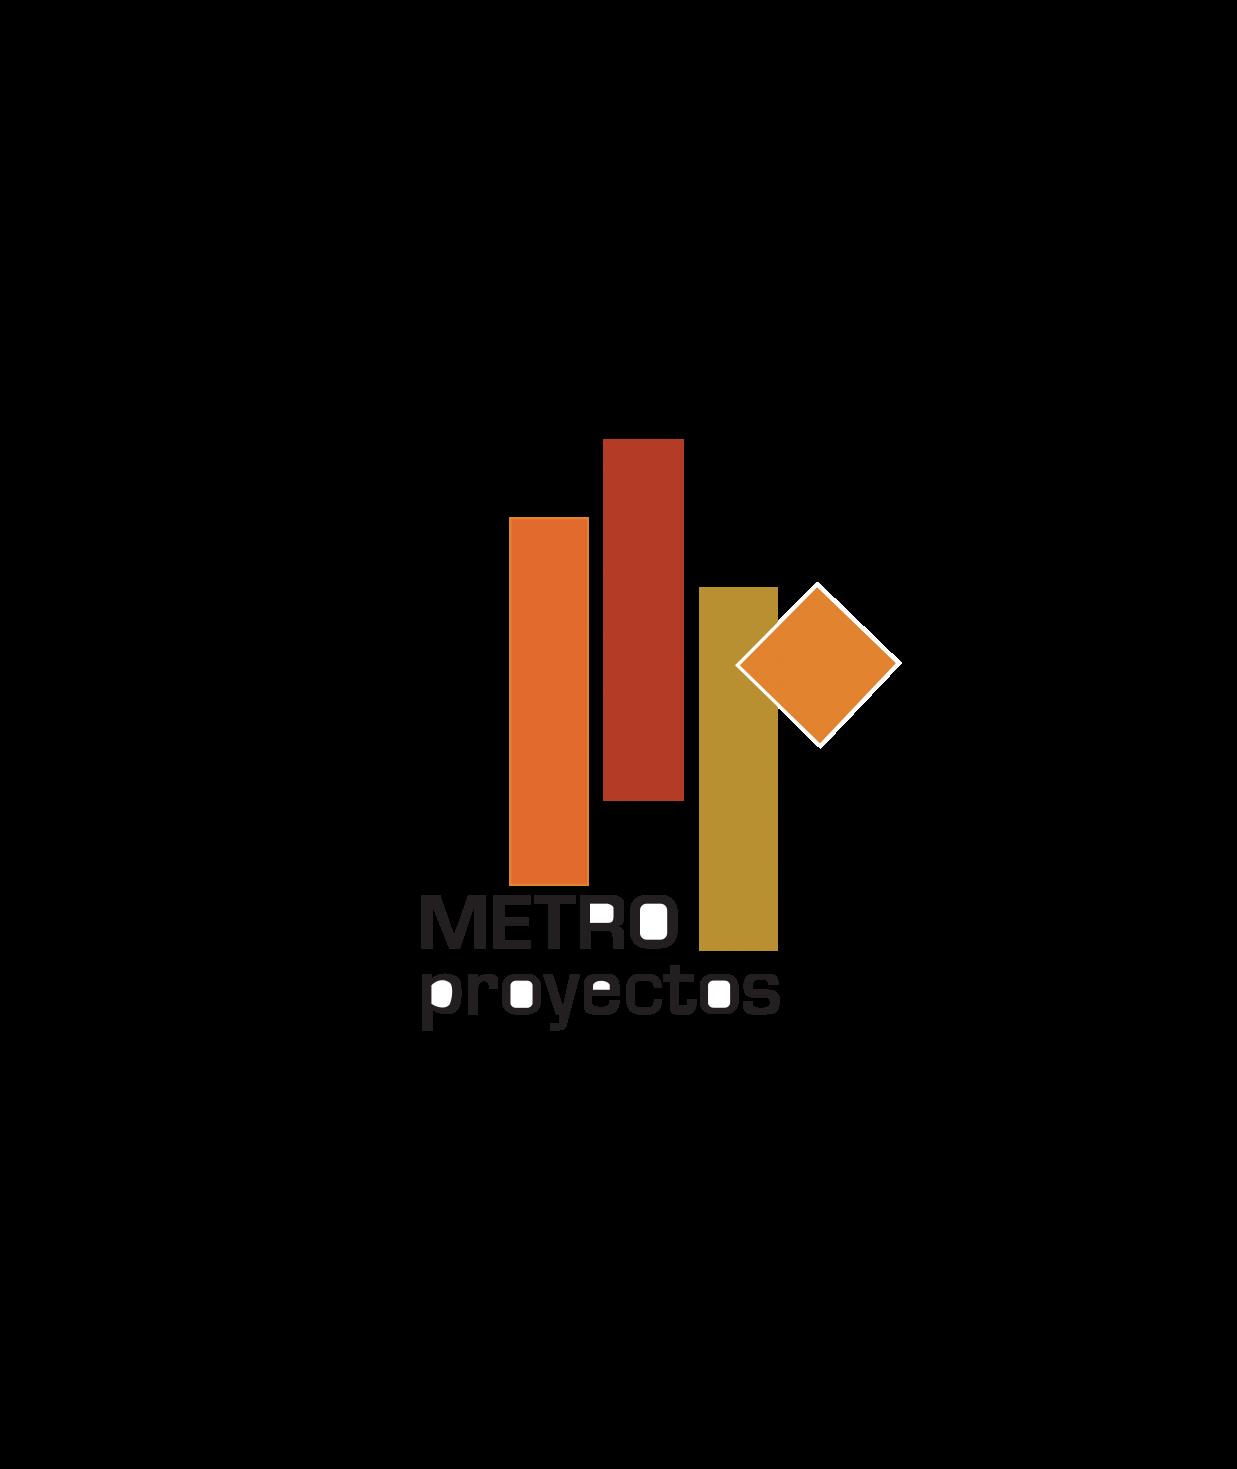 https://www.metroproyectos.com/wp-content/uploads/2020/09/logo_trabaja_con_nosotros.png